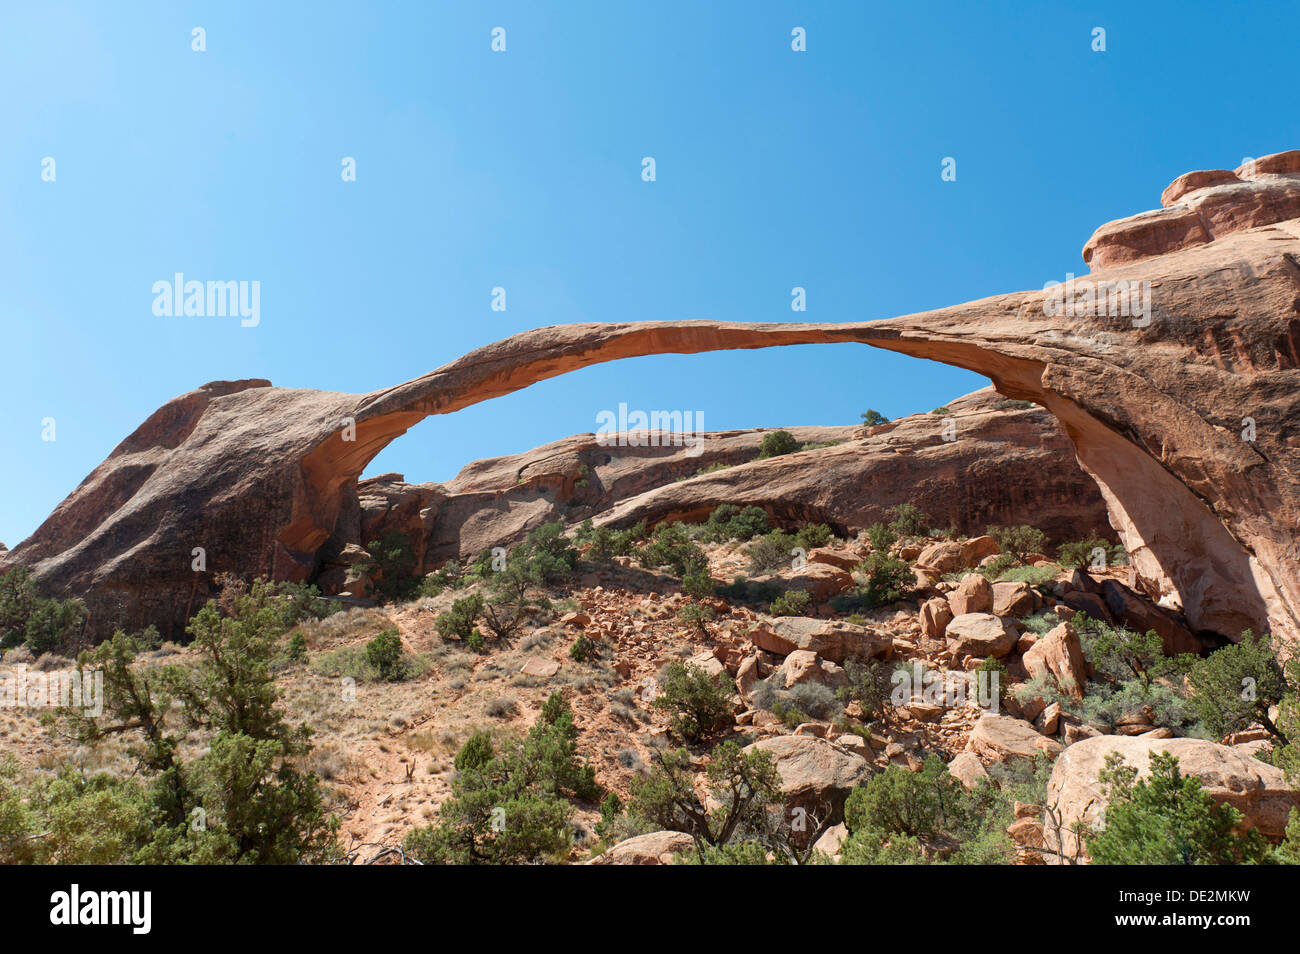 Pietra arenaria rossa, Landscape Arch, fragile pietra naturale arch, Arches National Park nello Utah, occidentale degli Stati Uniti Immagini Stock